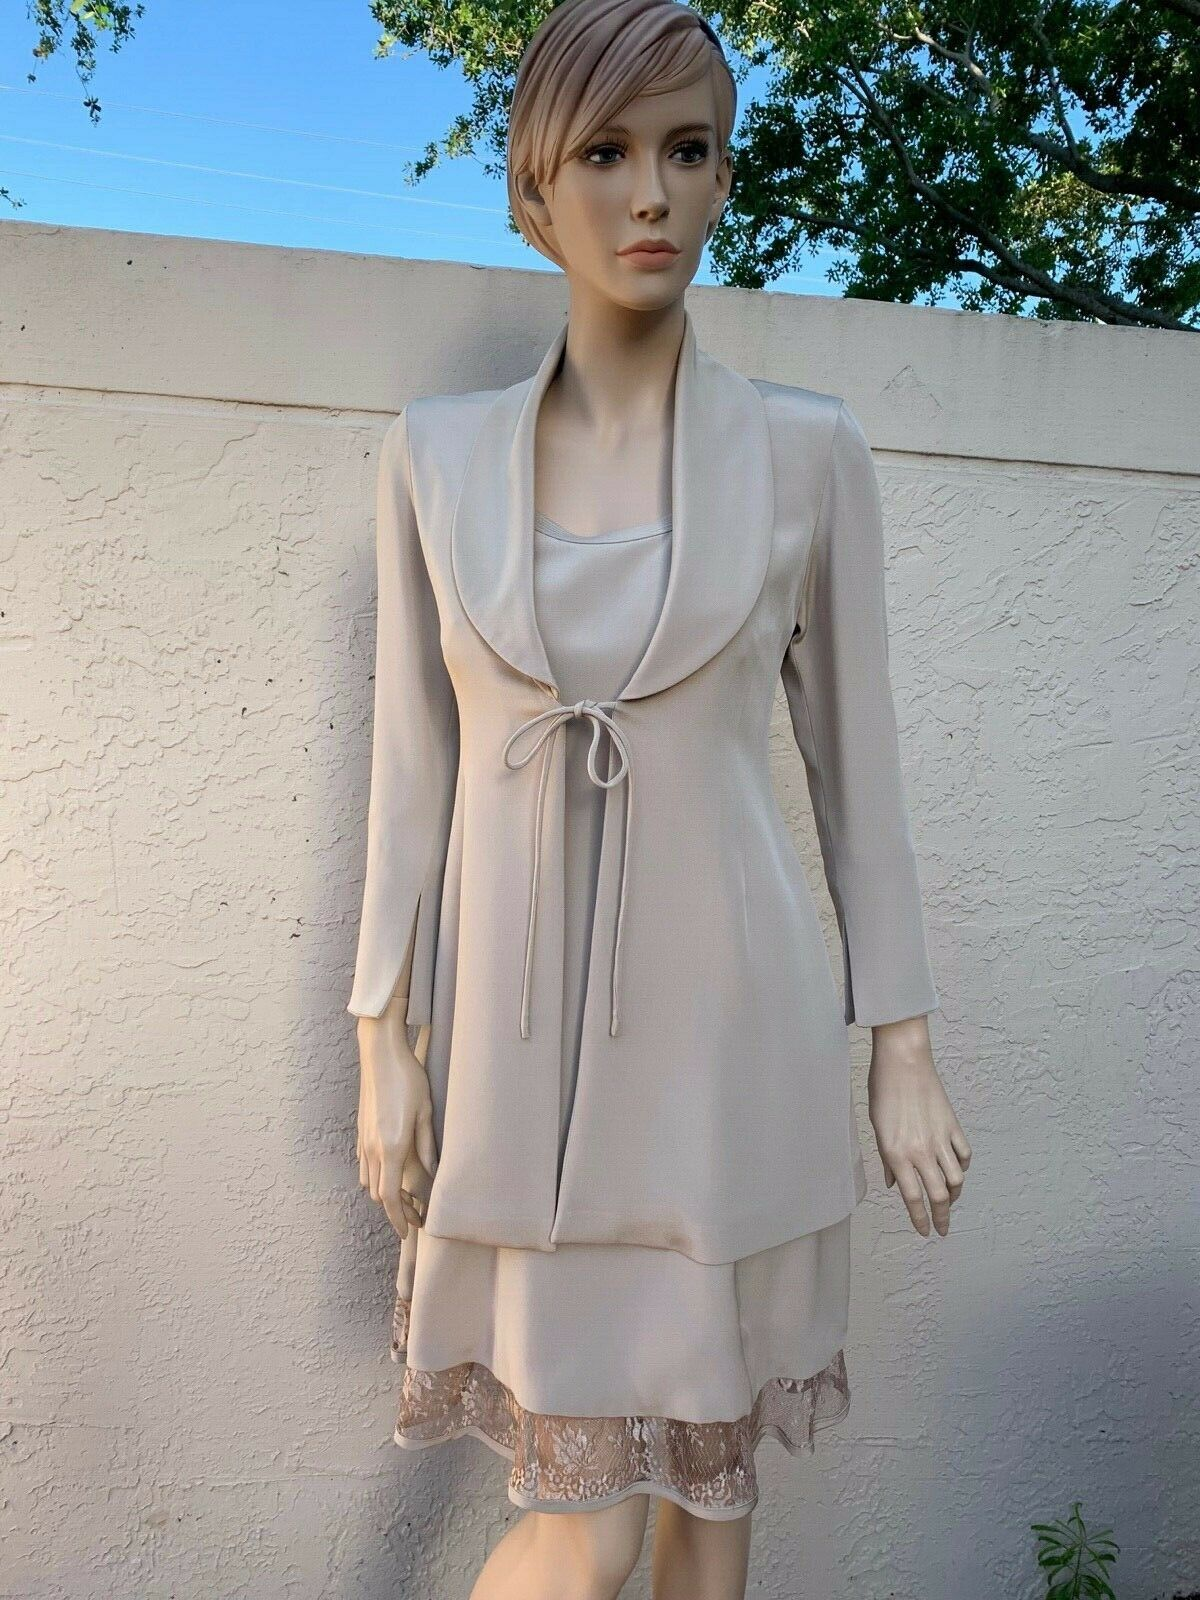 RENE RUIZ Miami Precioso Vestido y  chaqueta traje de encaje Talla 34  100% autentico